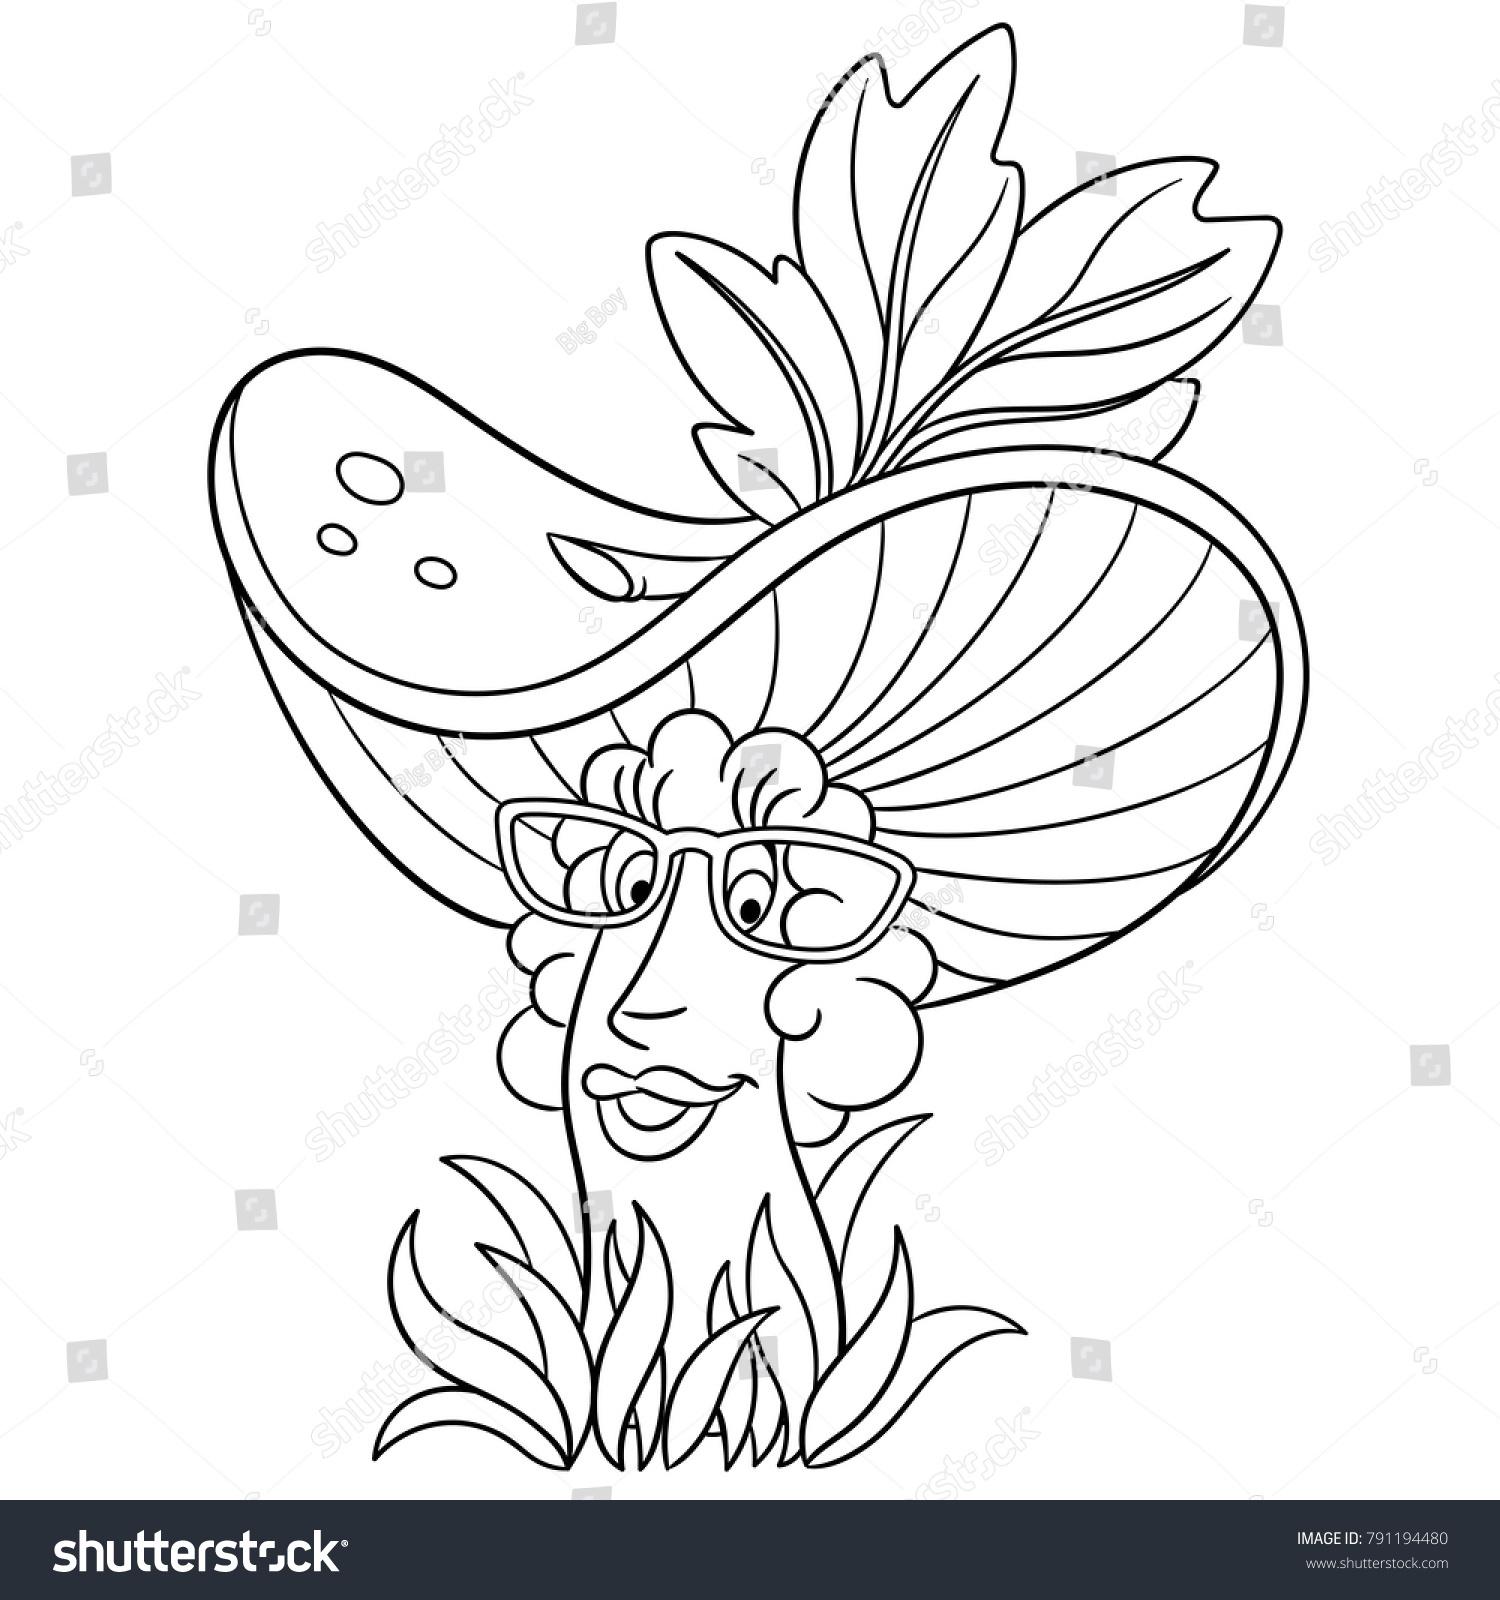 Coloring Page Coloring Book Cartoon Chanterelle Stock Vector ...